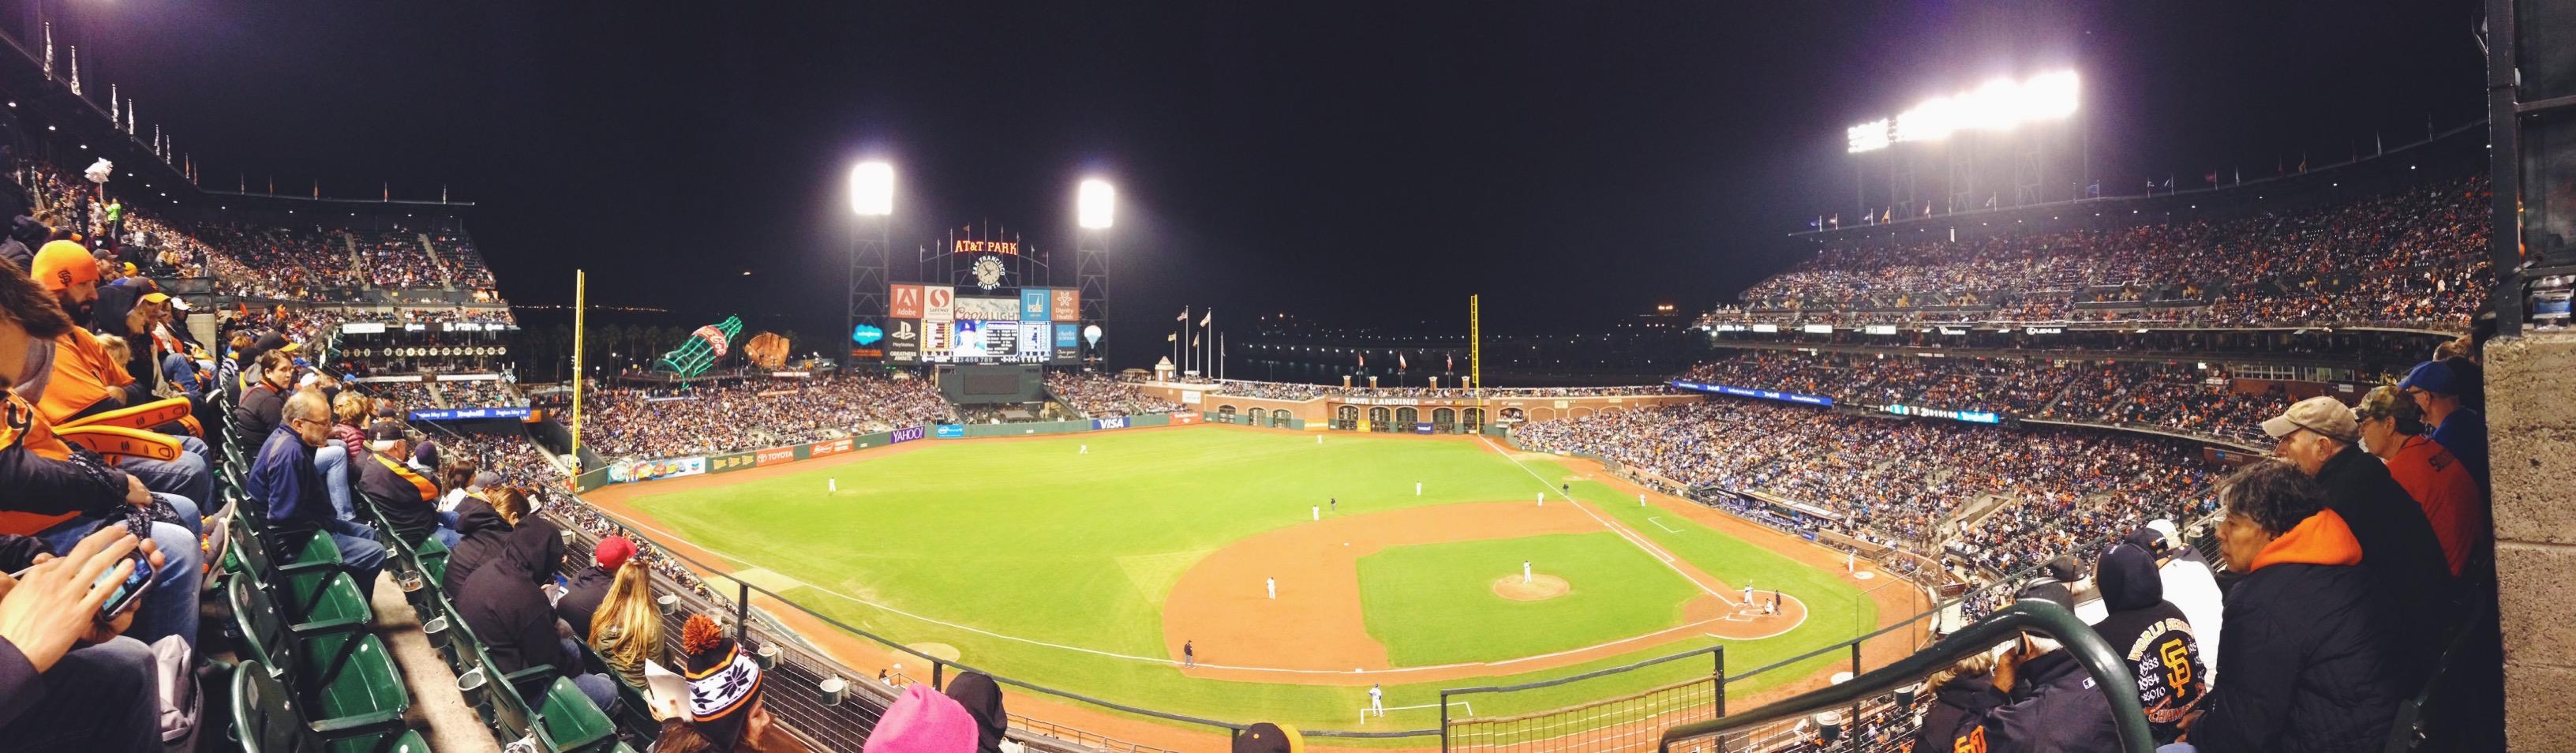 Vedere una partita dei Giants a San Francisco